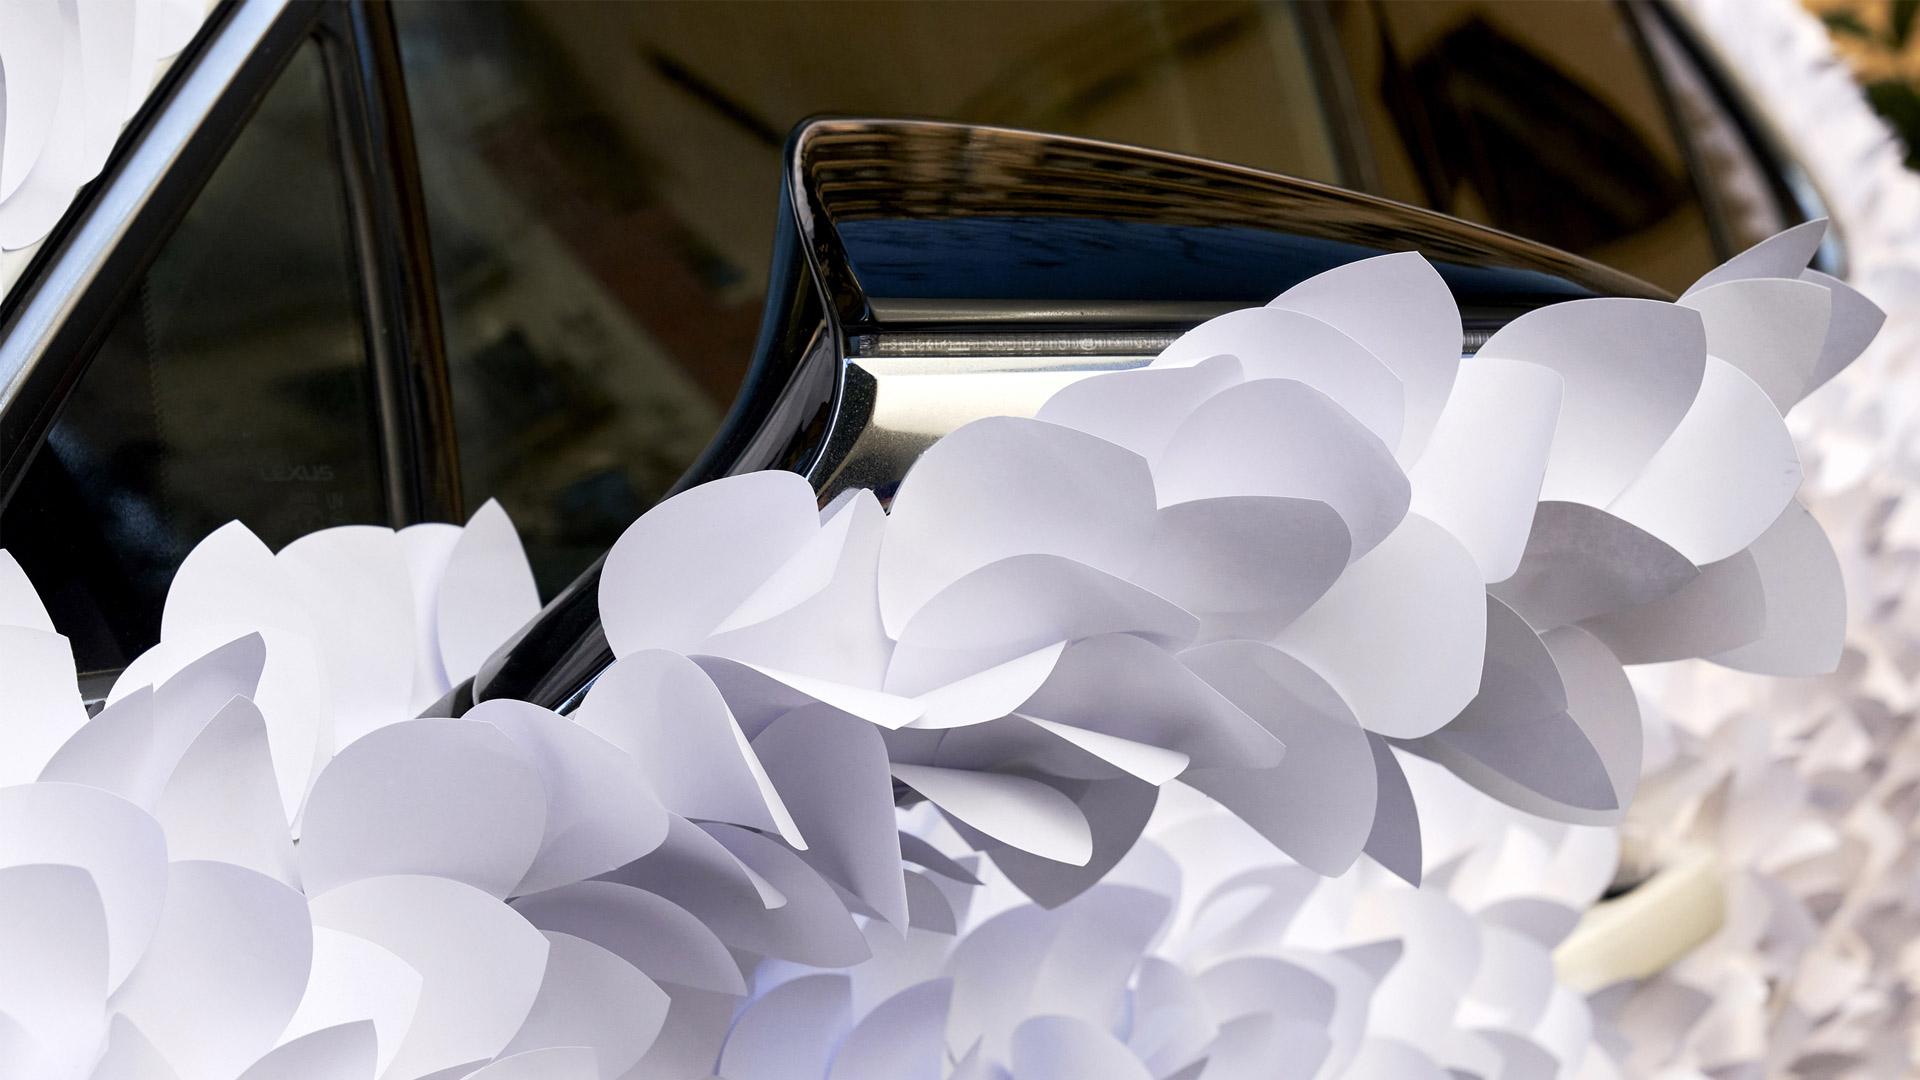 UX art car 2021 6